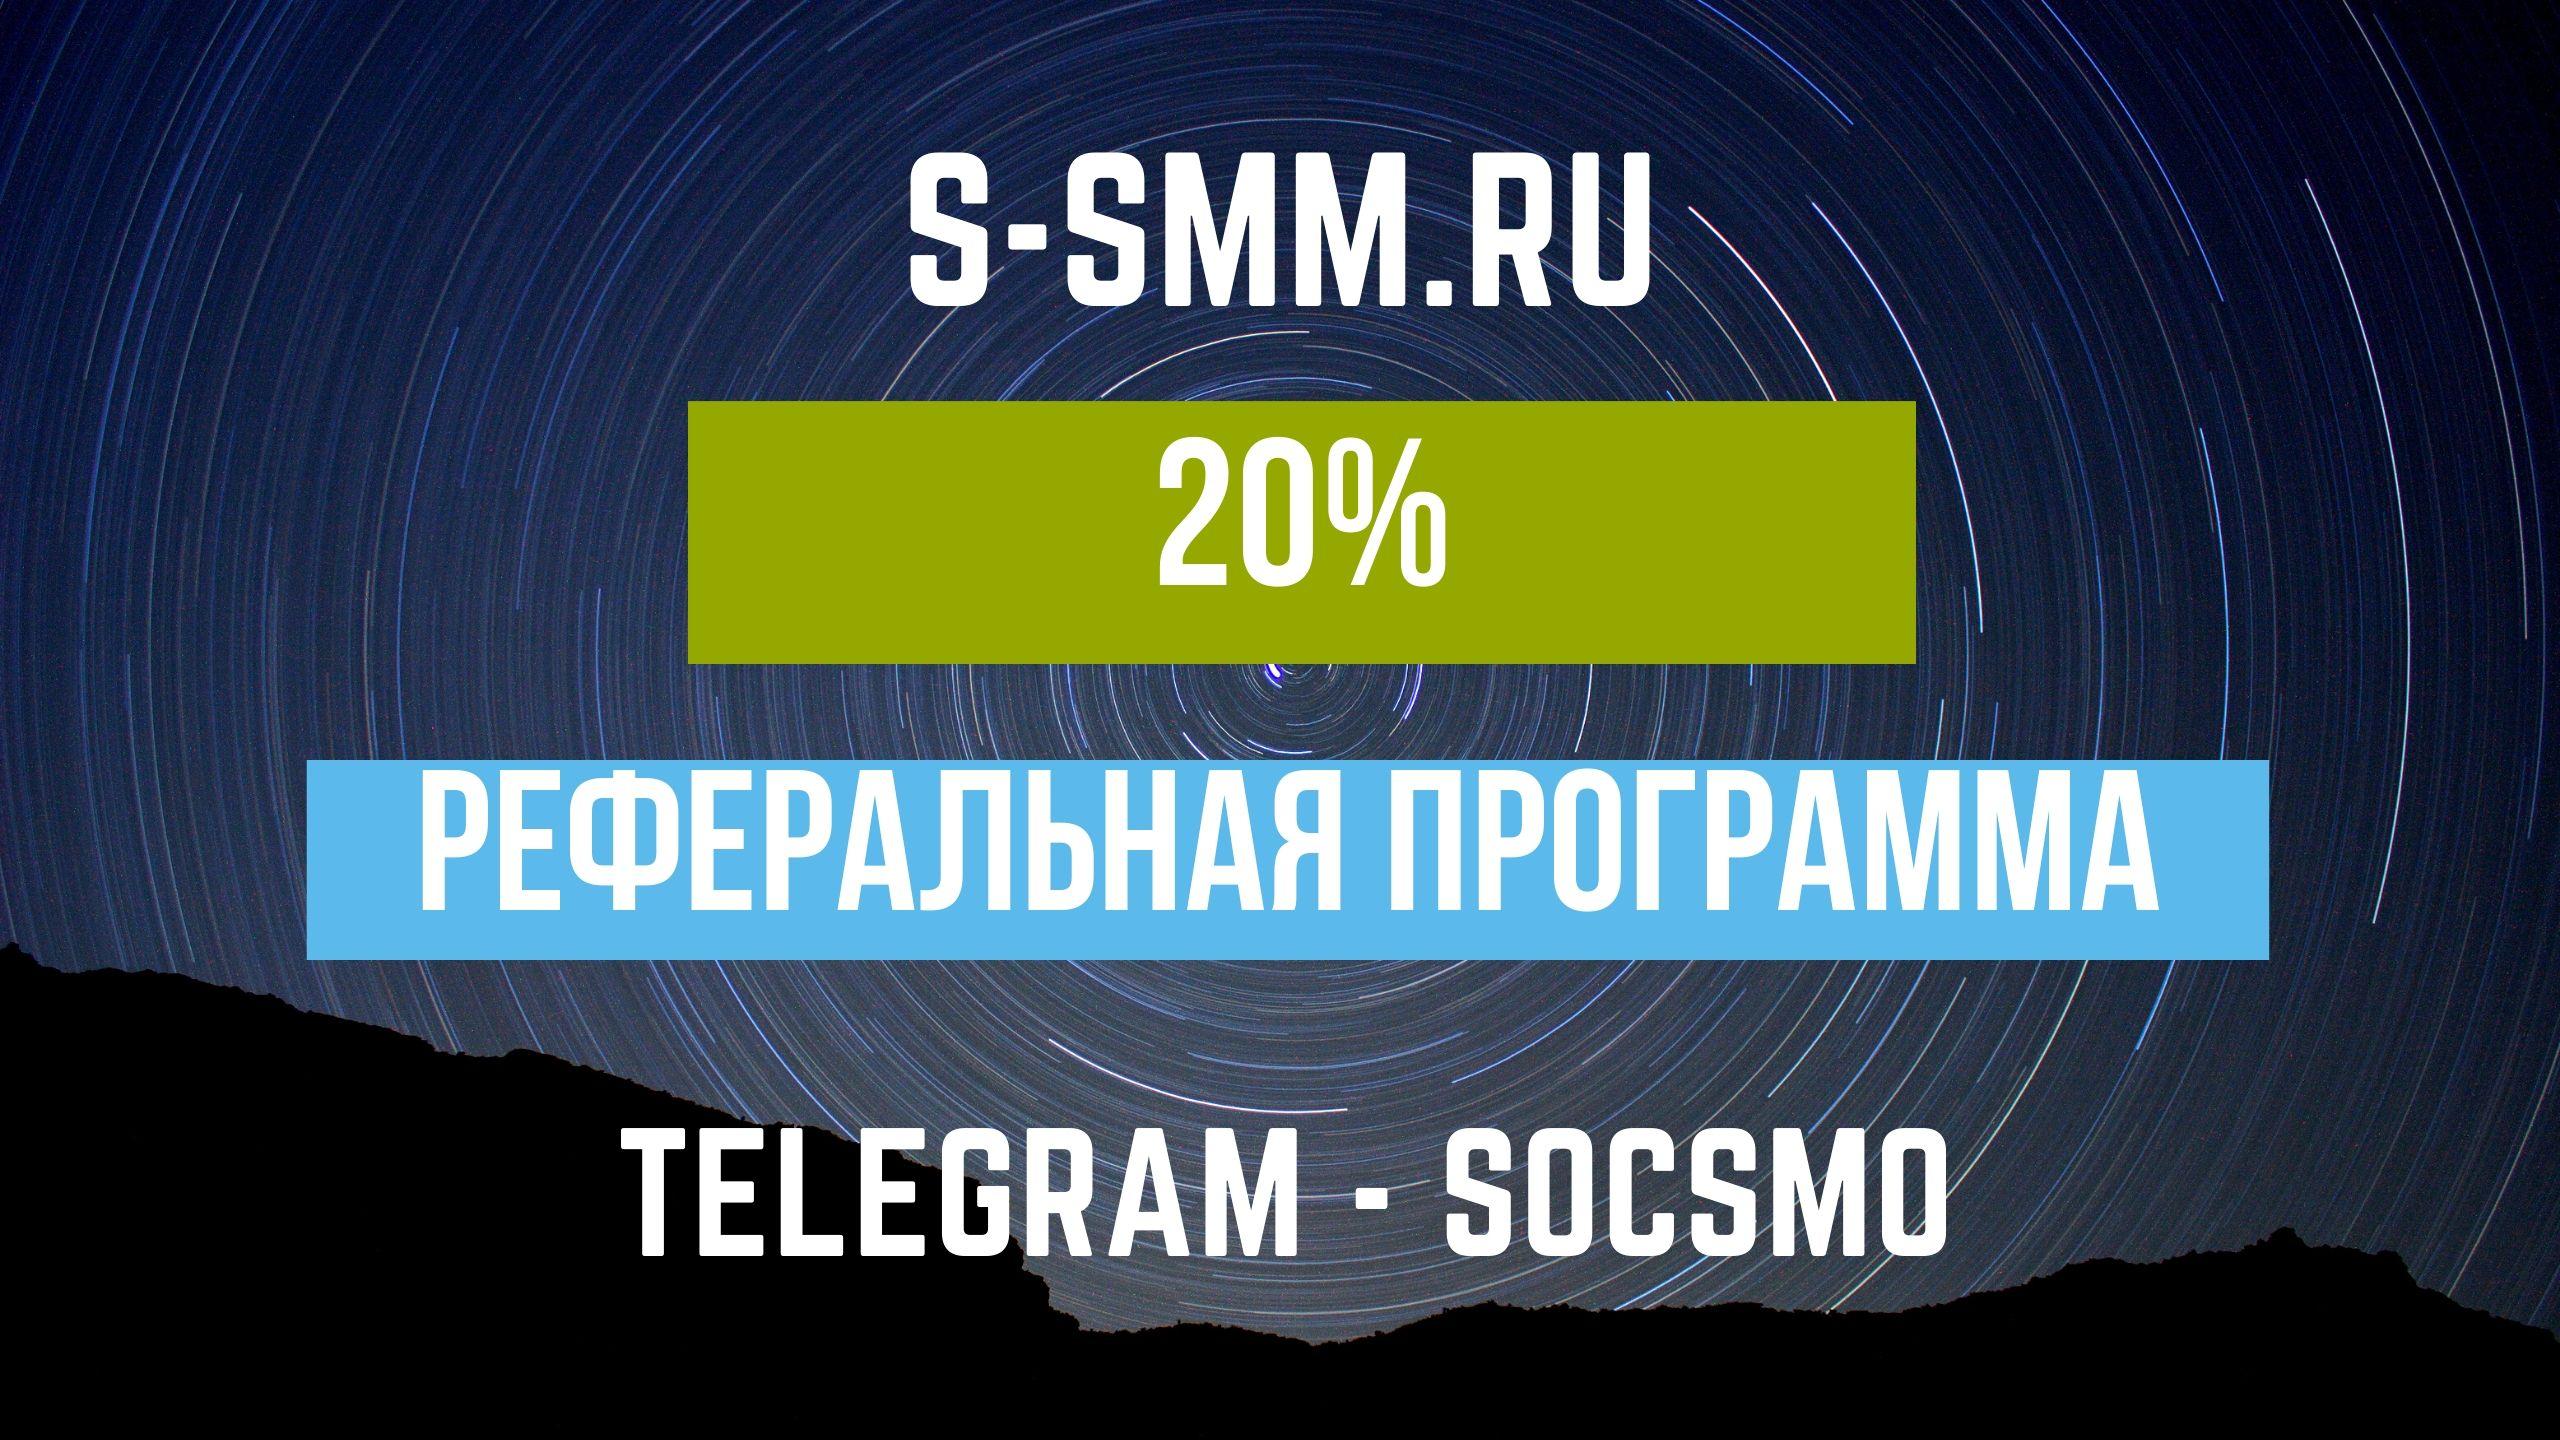 Реферальная программа - 20%